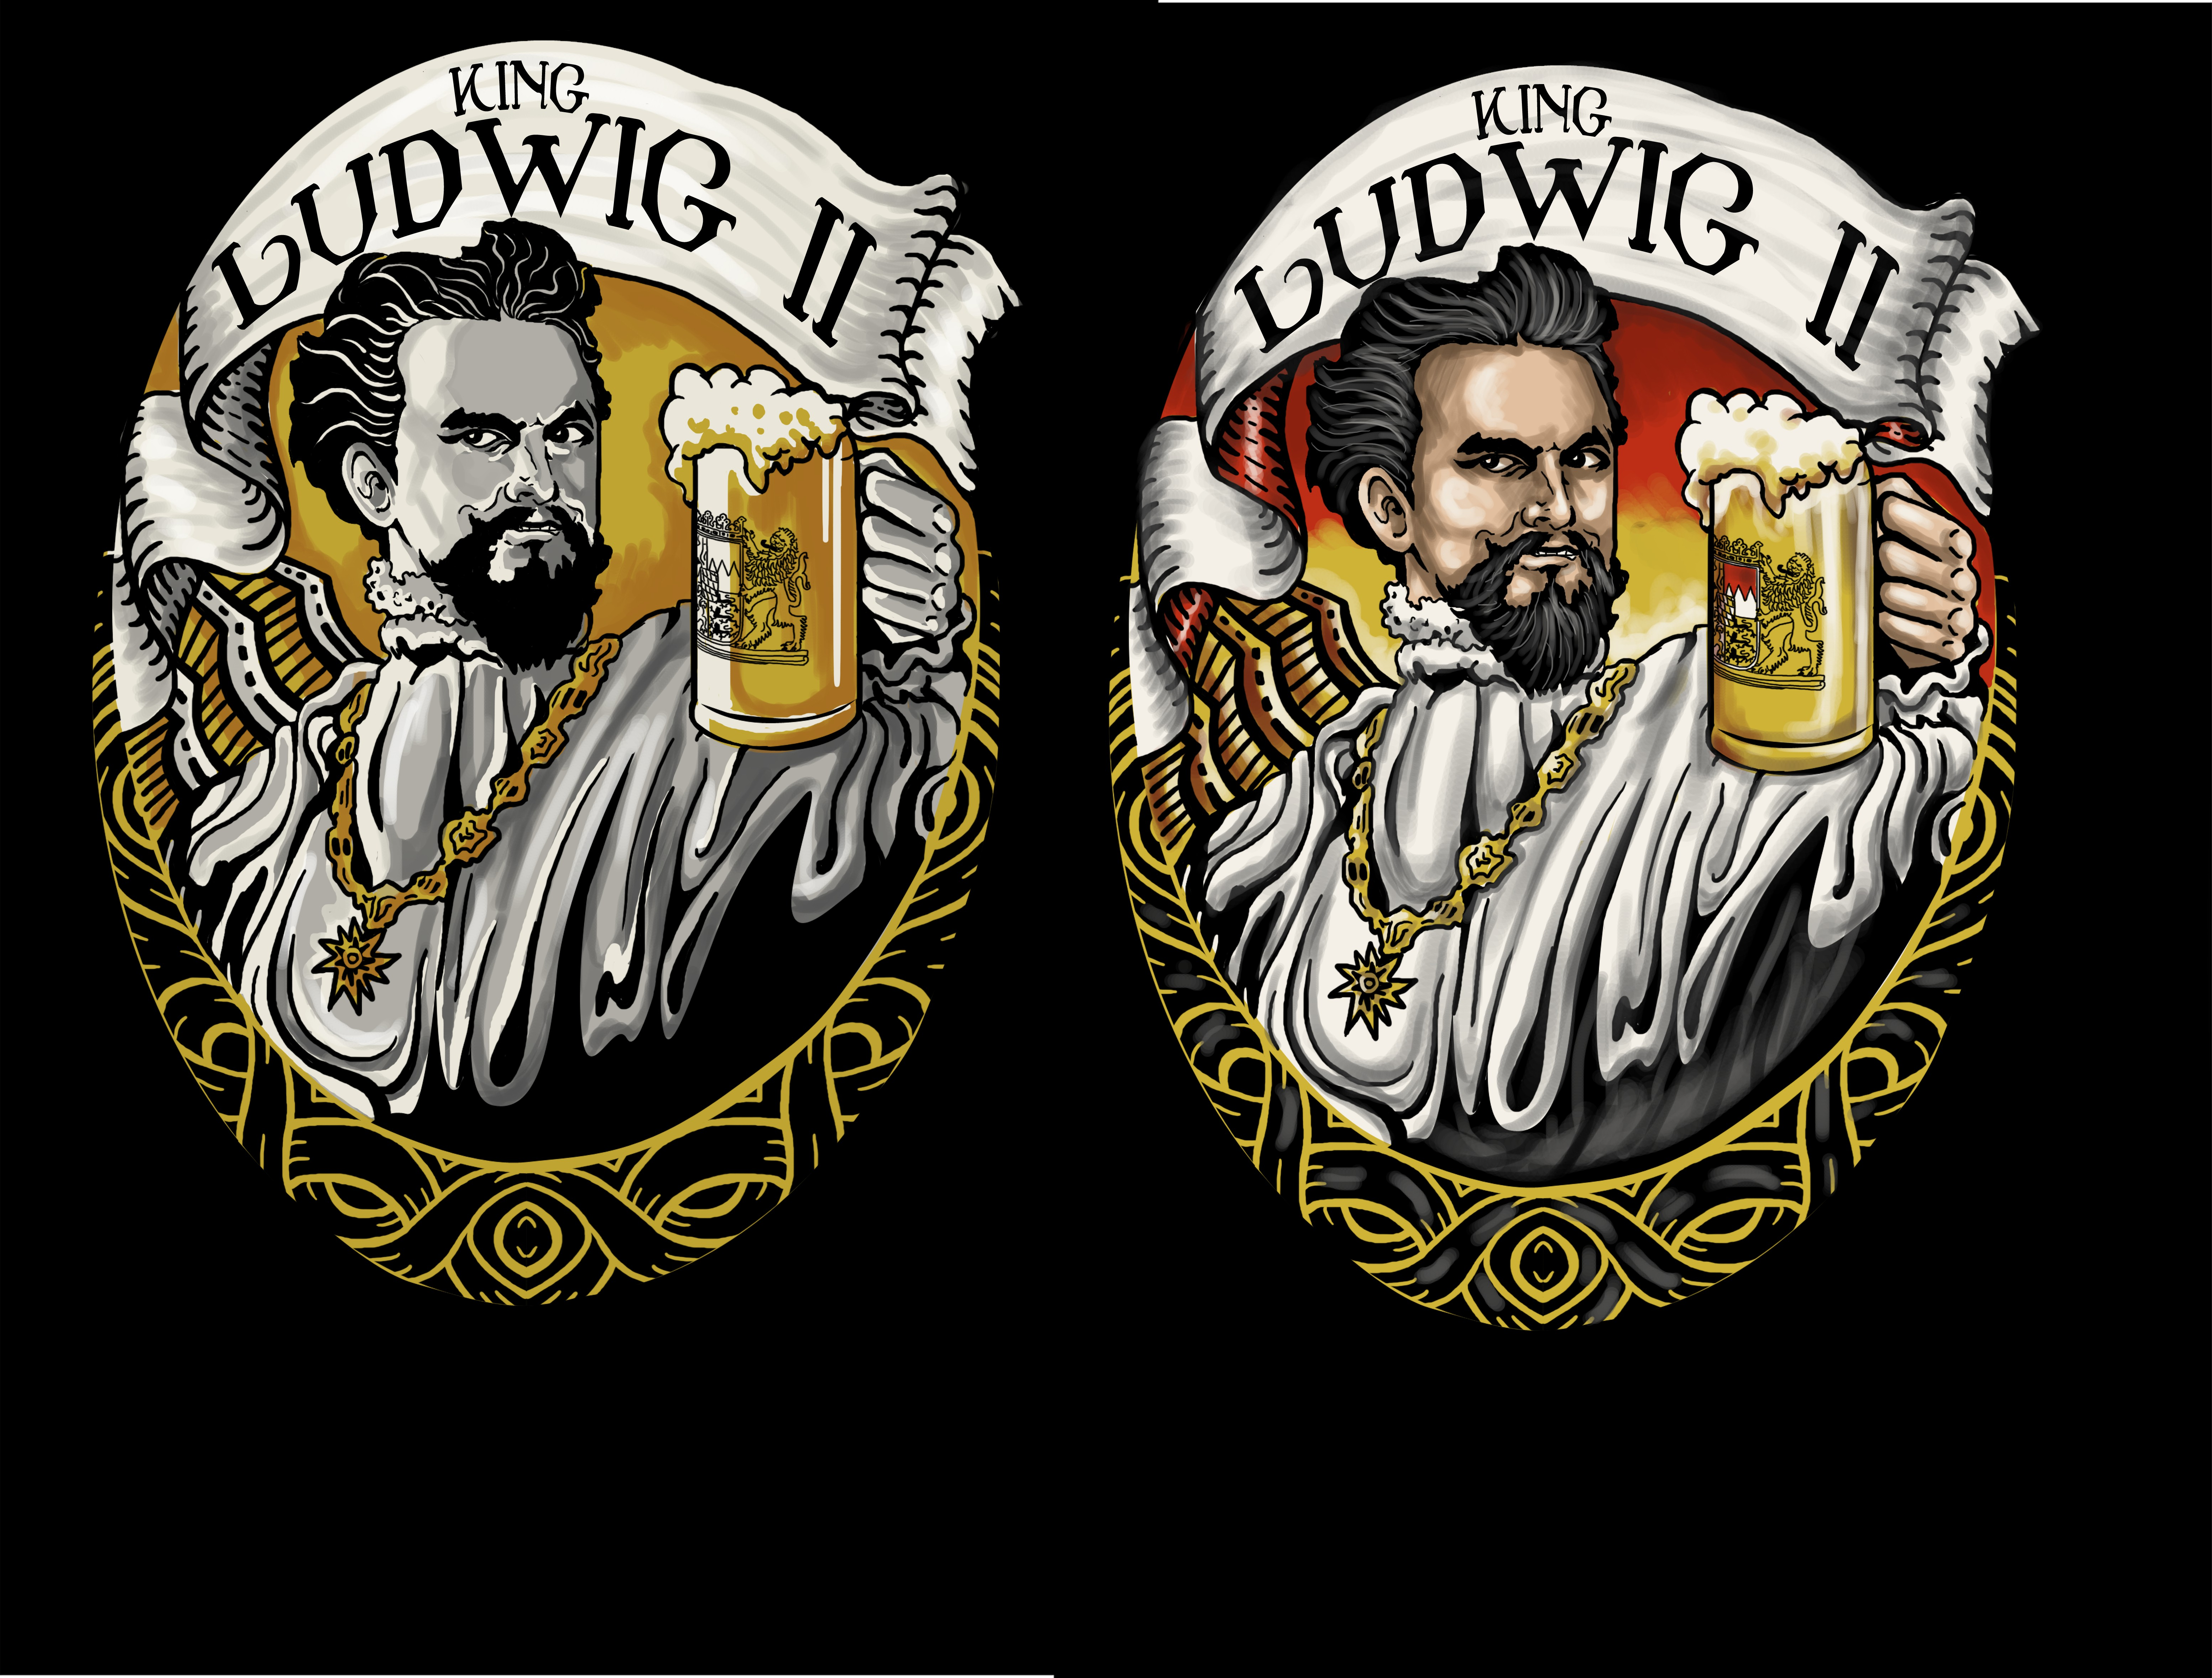 +++ Shirtdesign King Ludwig II +++ Winner guaranteed! +++